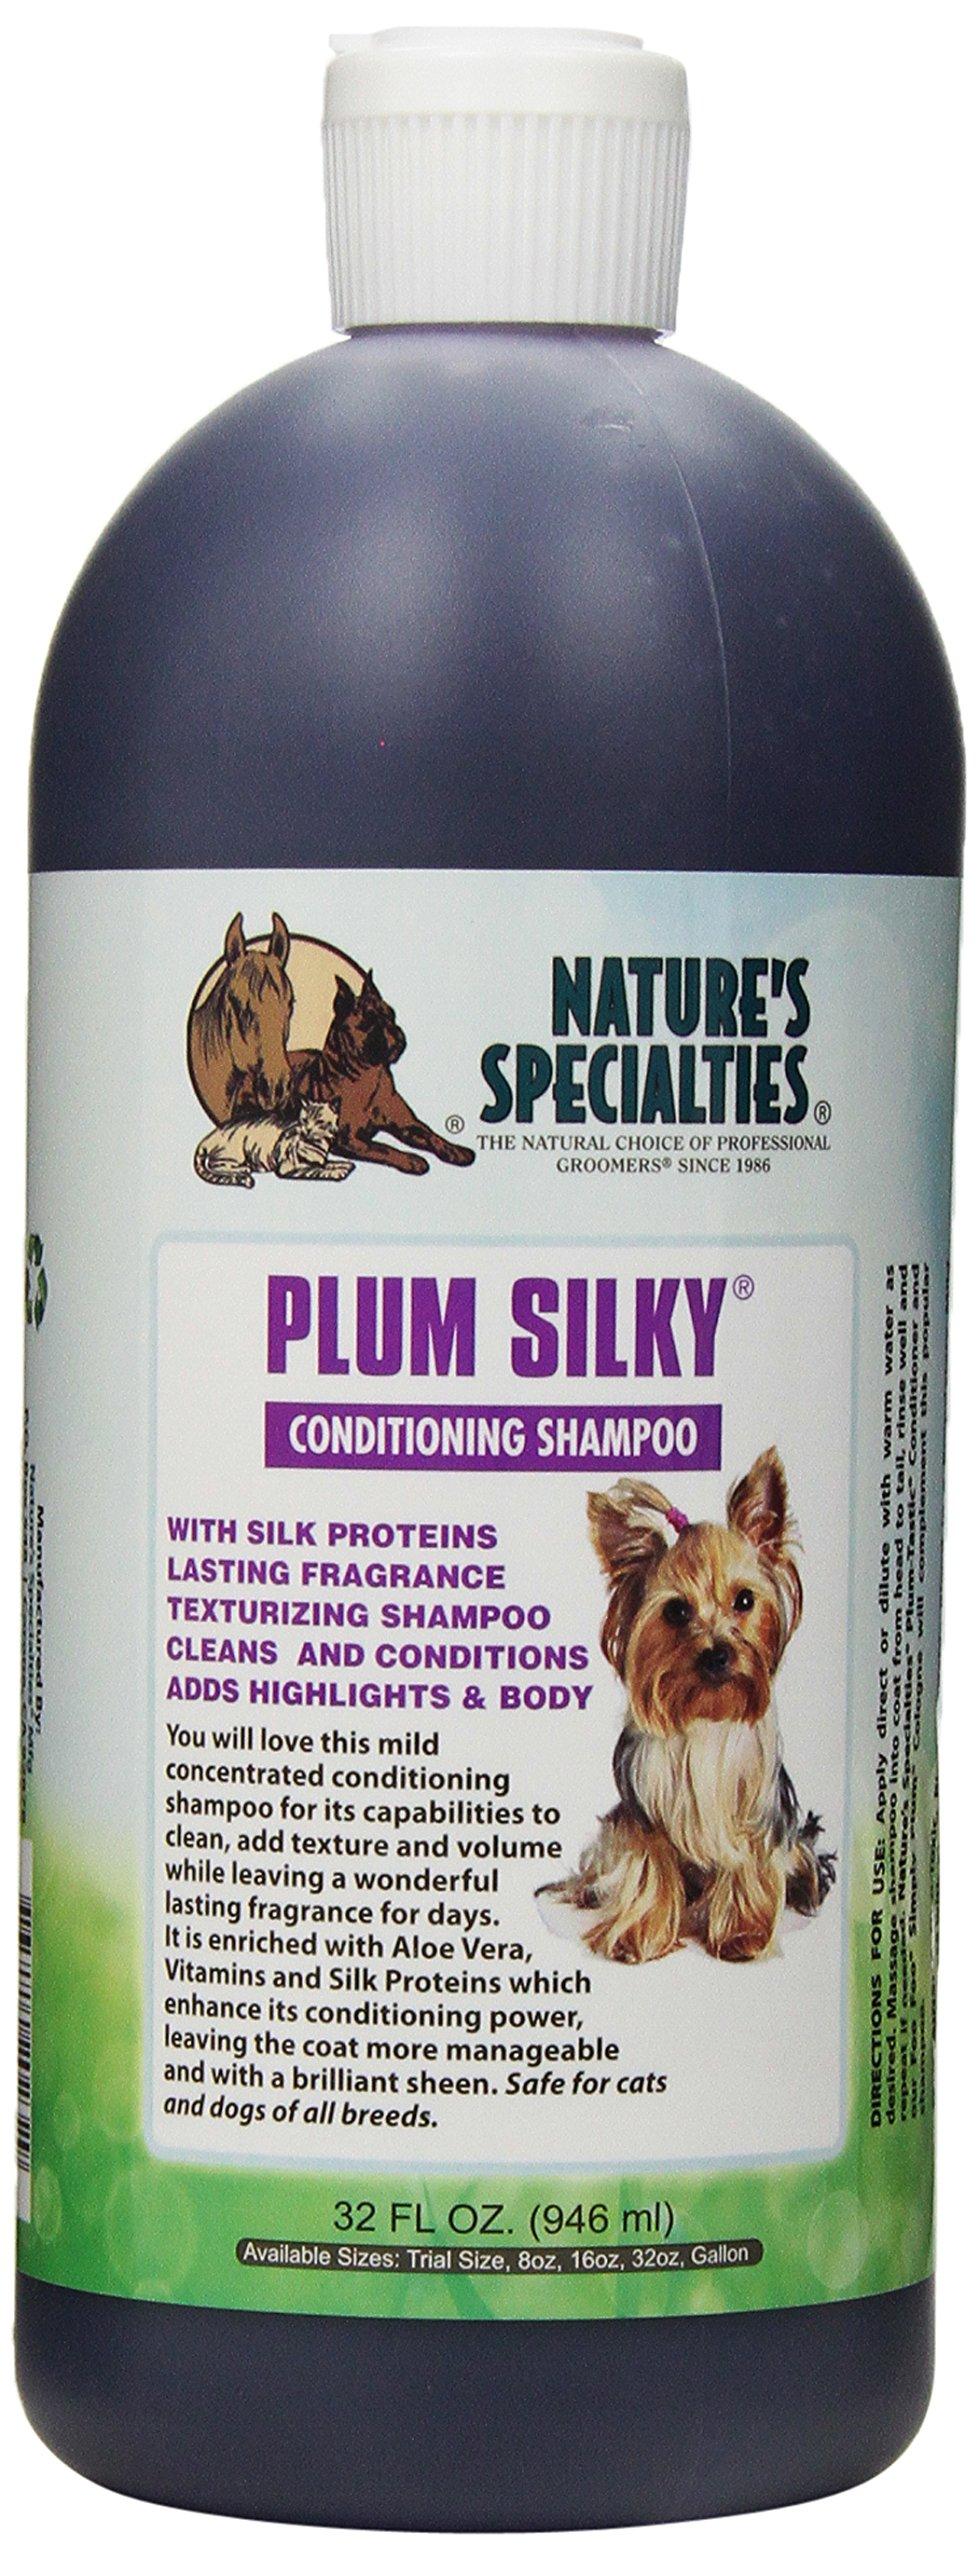 Nature's Specialties Plum Silky Pet Shampoo, 32-Ounce by Nature's Specialties Mfg